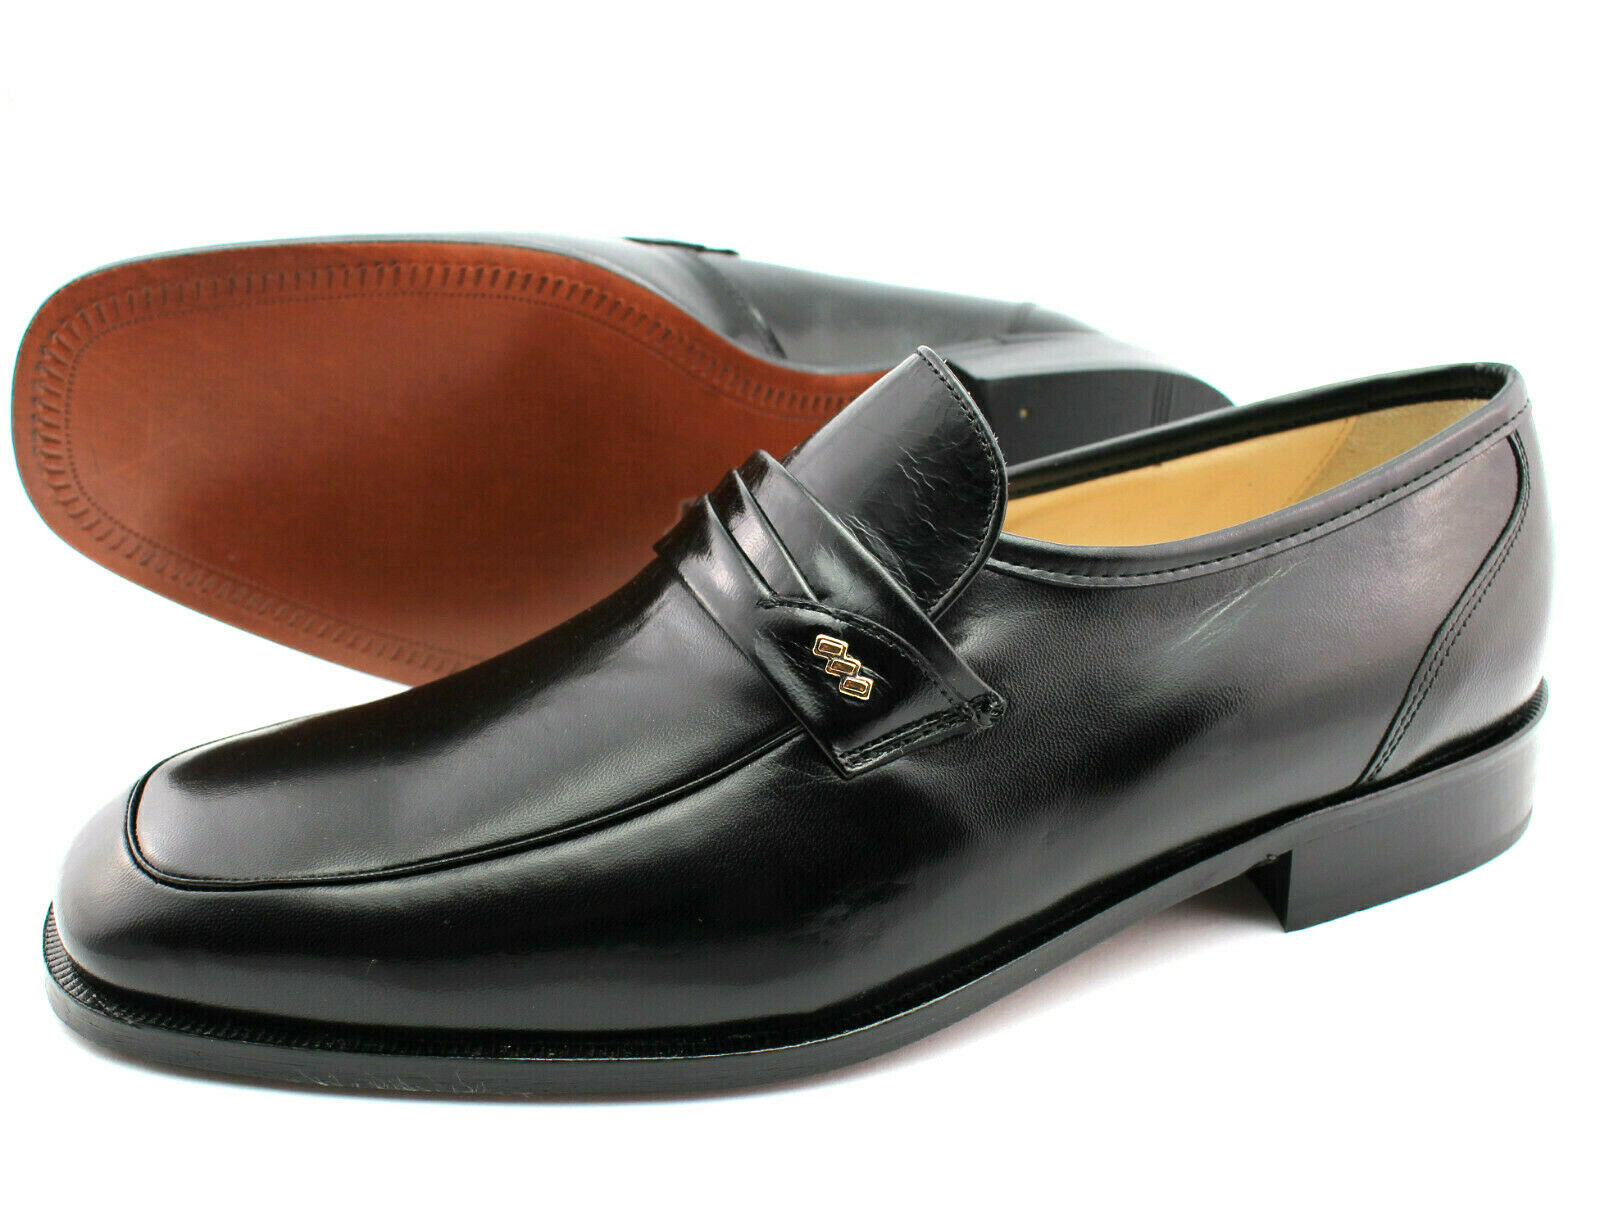 Herren Leder Schuhe Castellanos Penny Loafer Slipper Business schuhe Mokassins